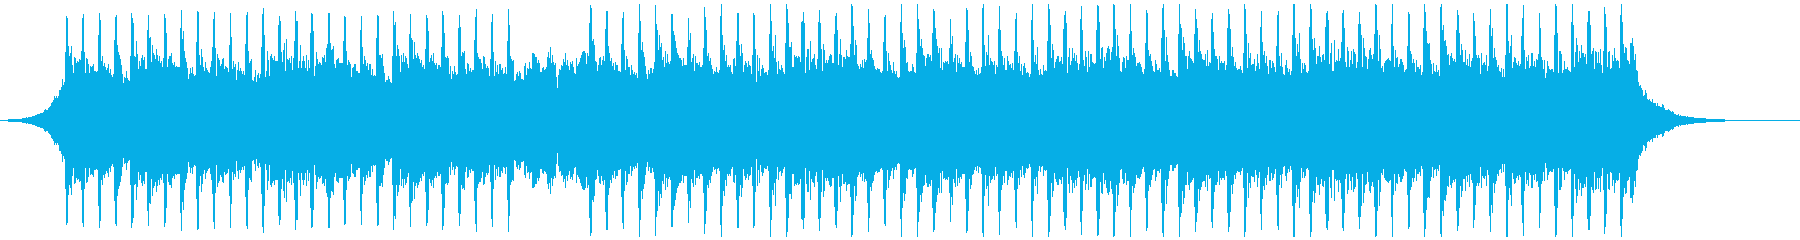 機関(60秒)の再生済みの波形